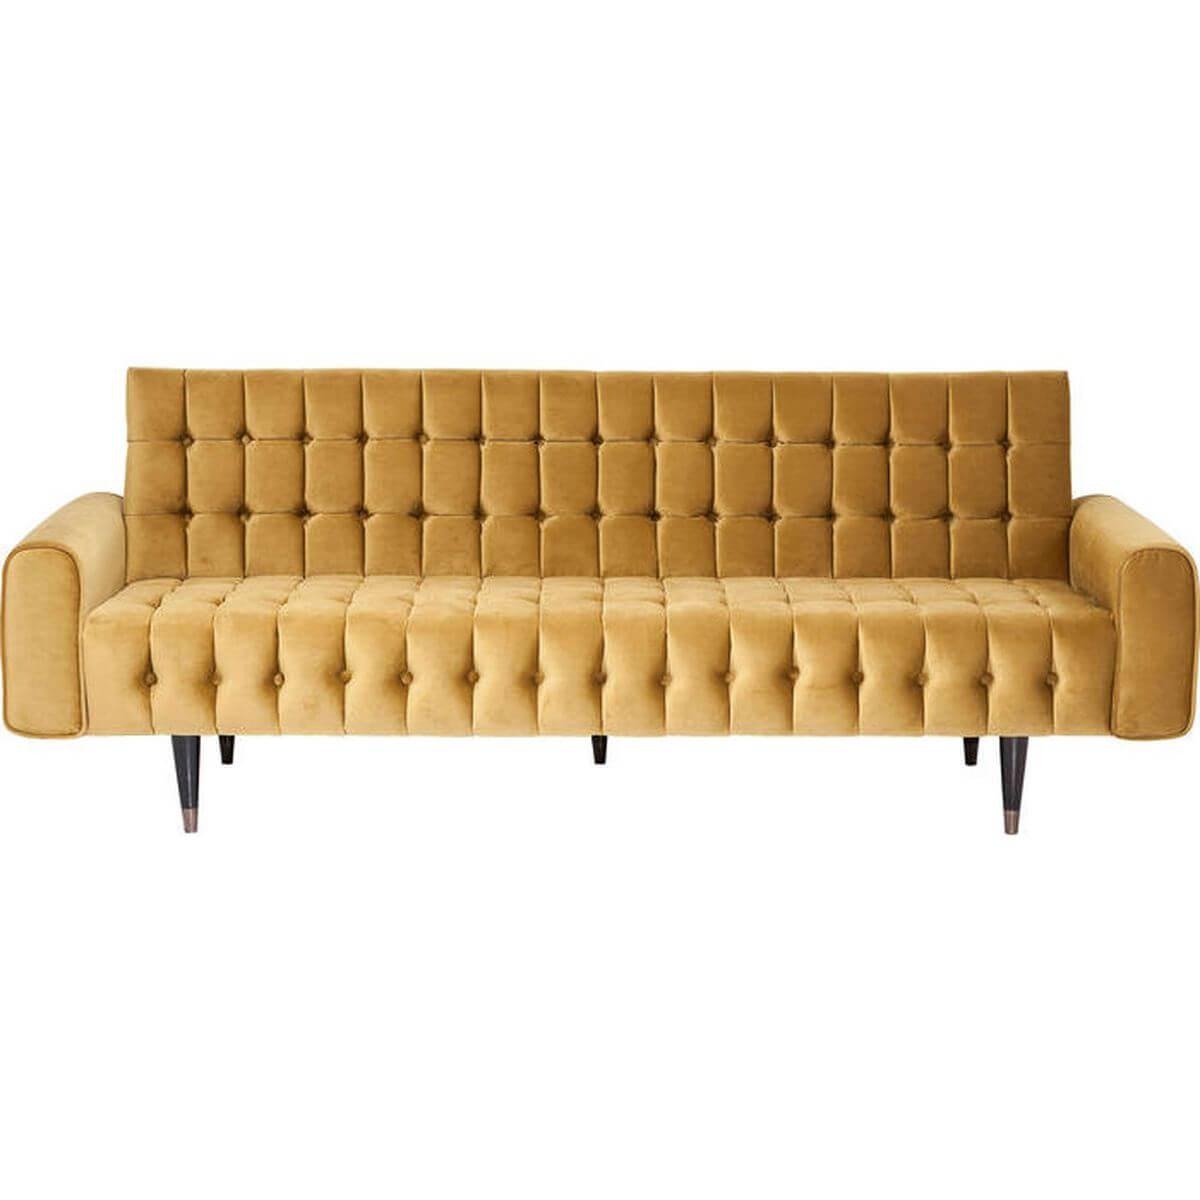 Canapé 3 places MILCHBAR Kare Design miel